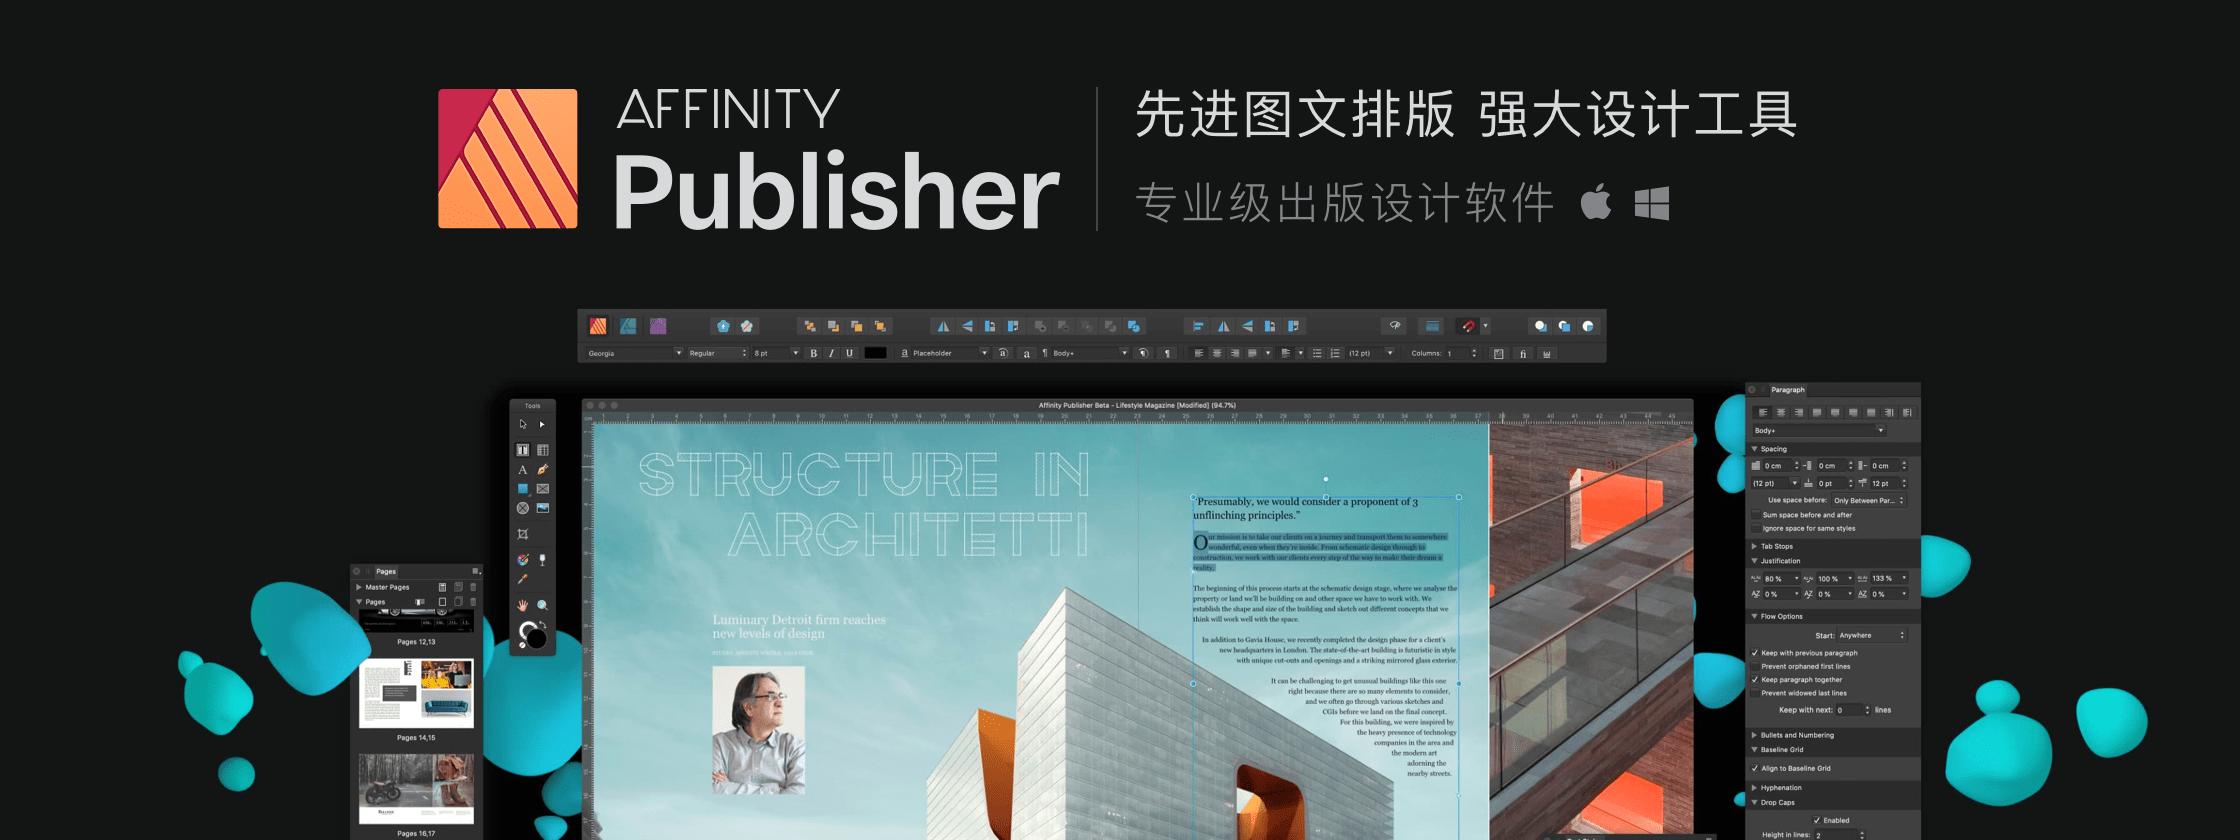 Affinity Publisher – 新一代专业出版设计软件